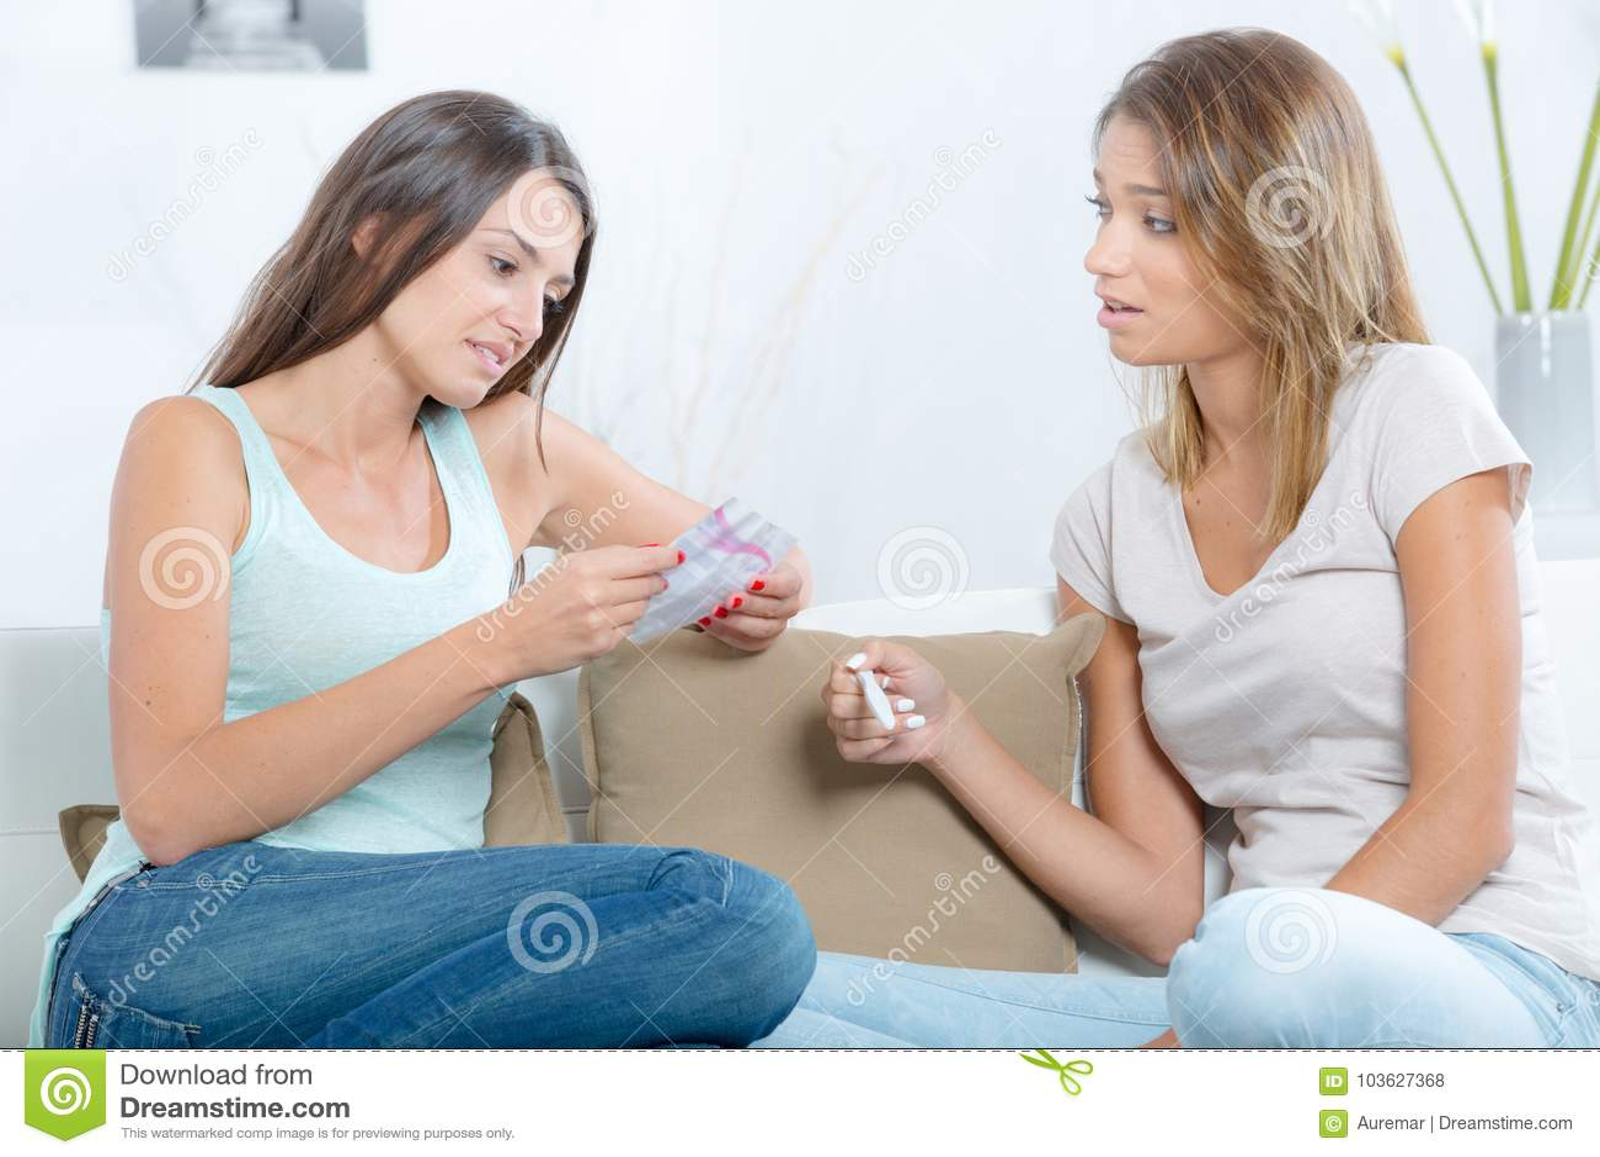 Teste de gravidez guardando adolescente assustado com melhor amigo